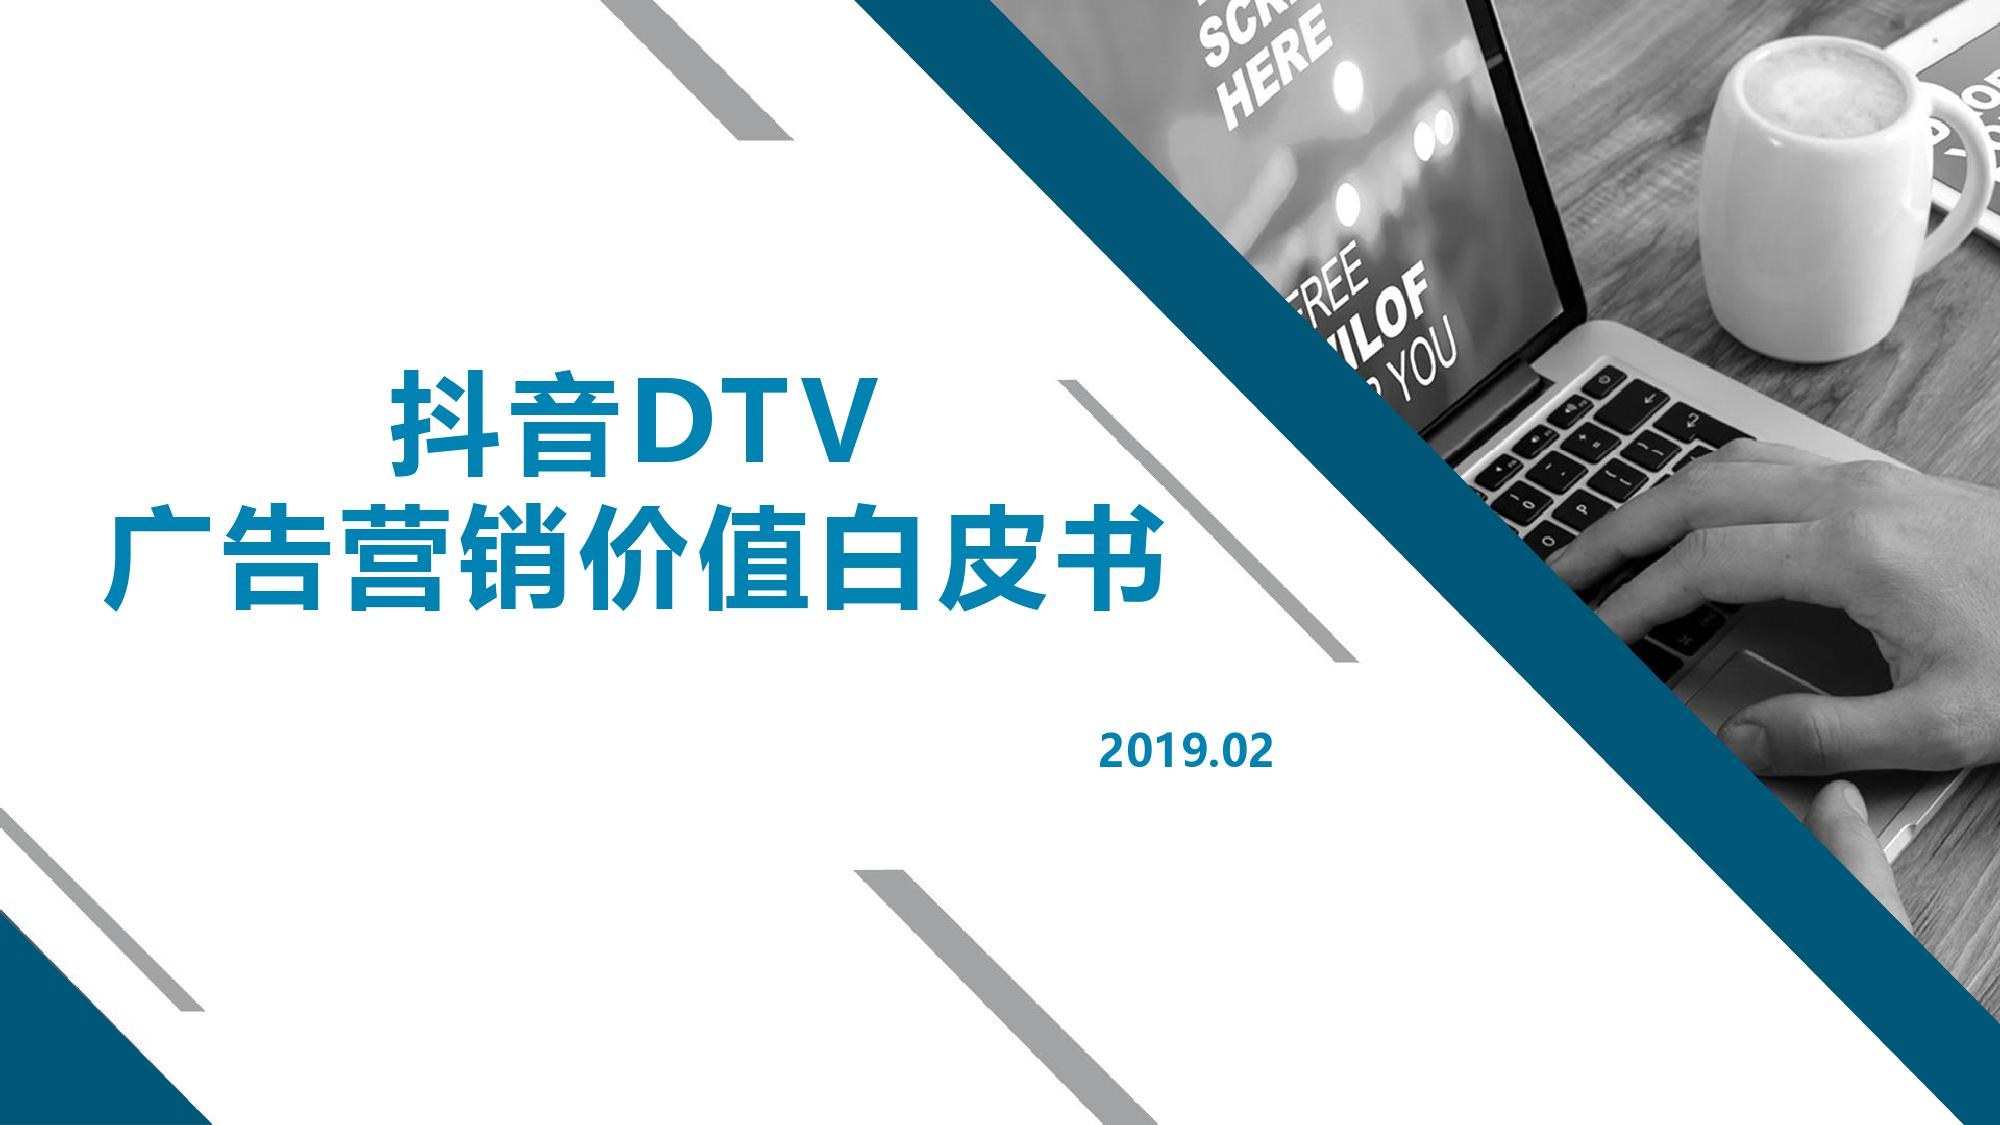 抖音 DTV 广告营销价值白皮书-CNMOAD 中文移动营销资讯 1